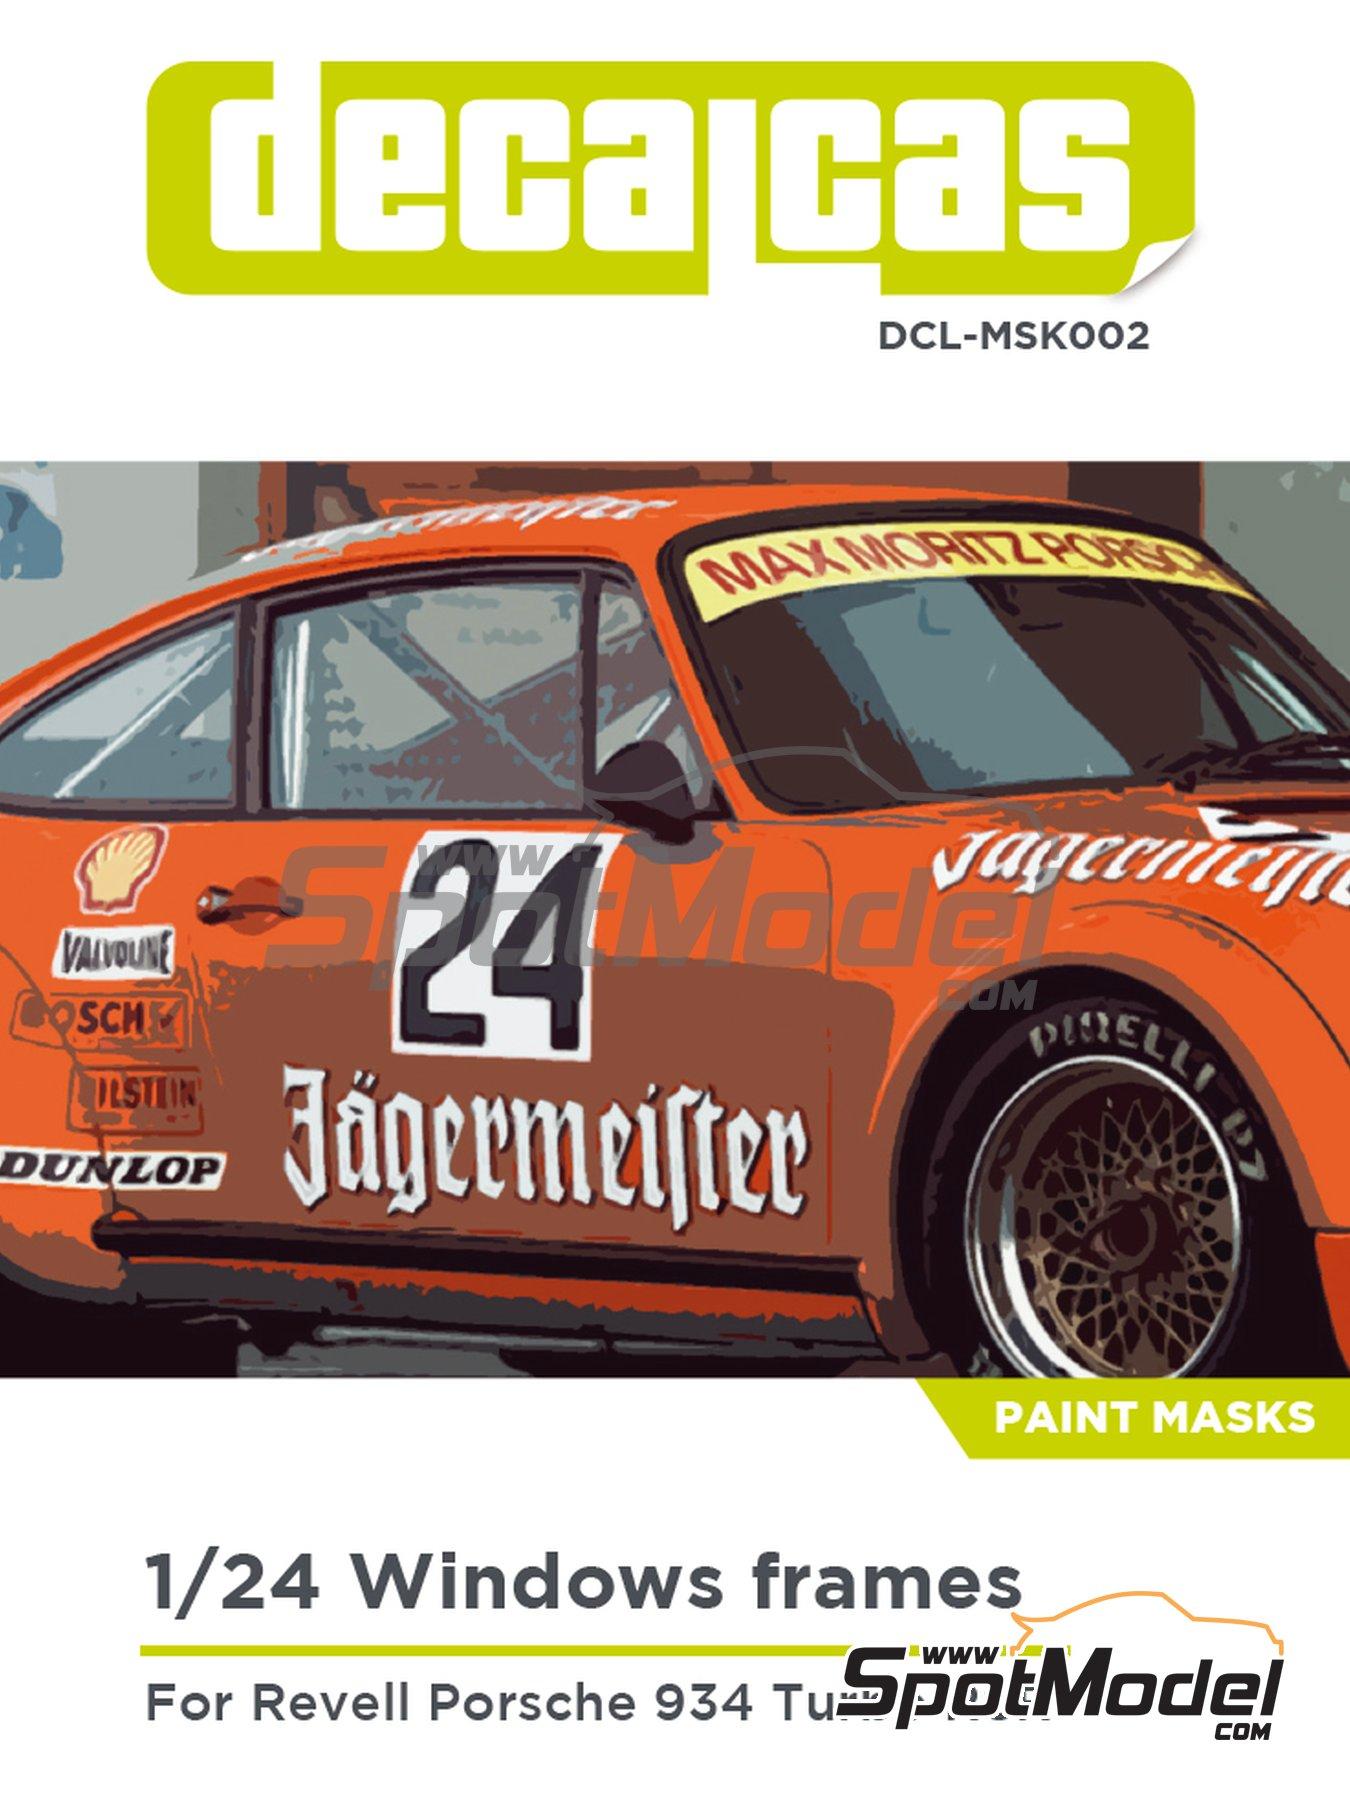 Porsche 934 Turbo RSR Grupo 4 | Mascara de pintura para el marco de los cristales en escala1/24 fabricado por Decalcas (ref.DCL-MSK002) image